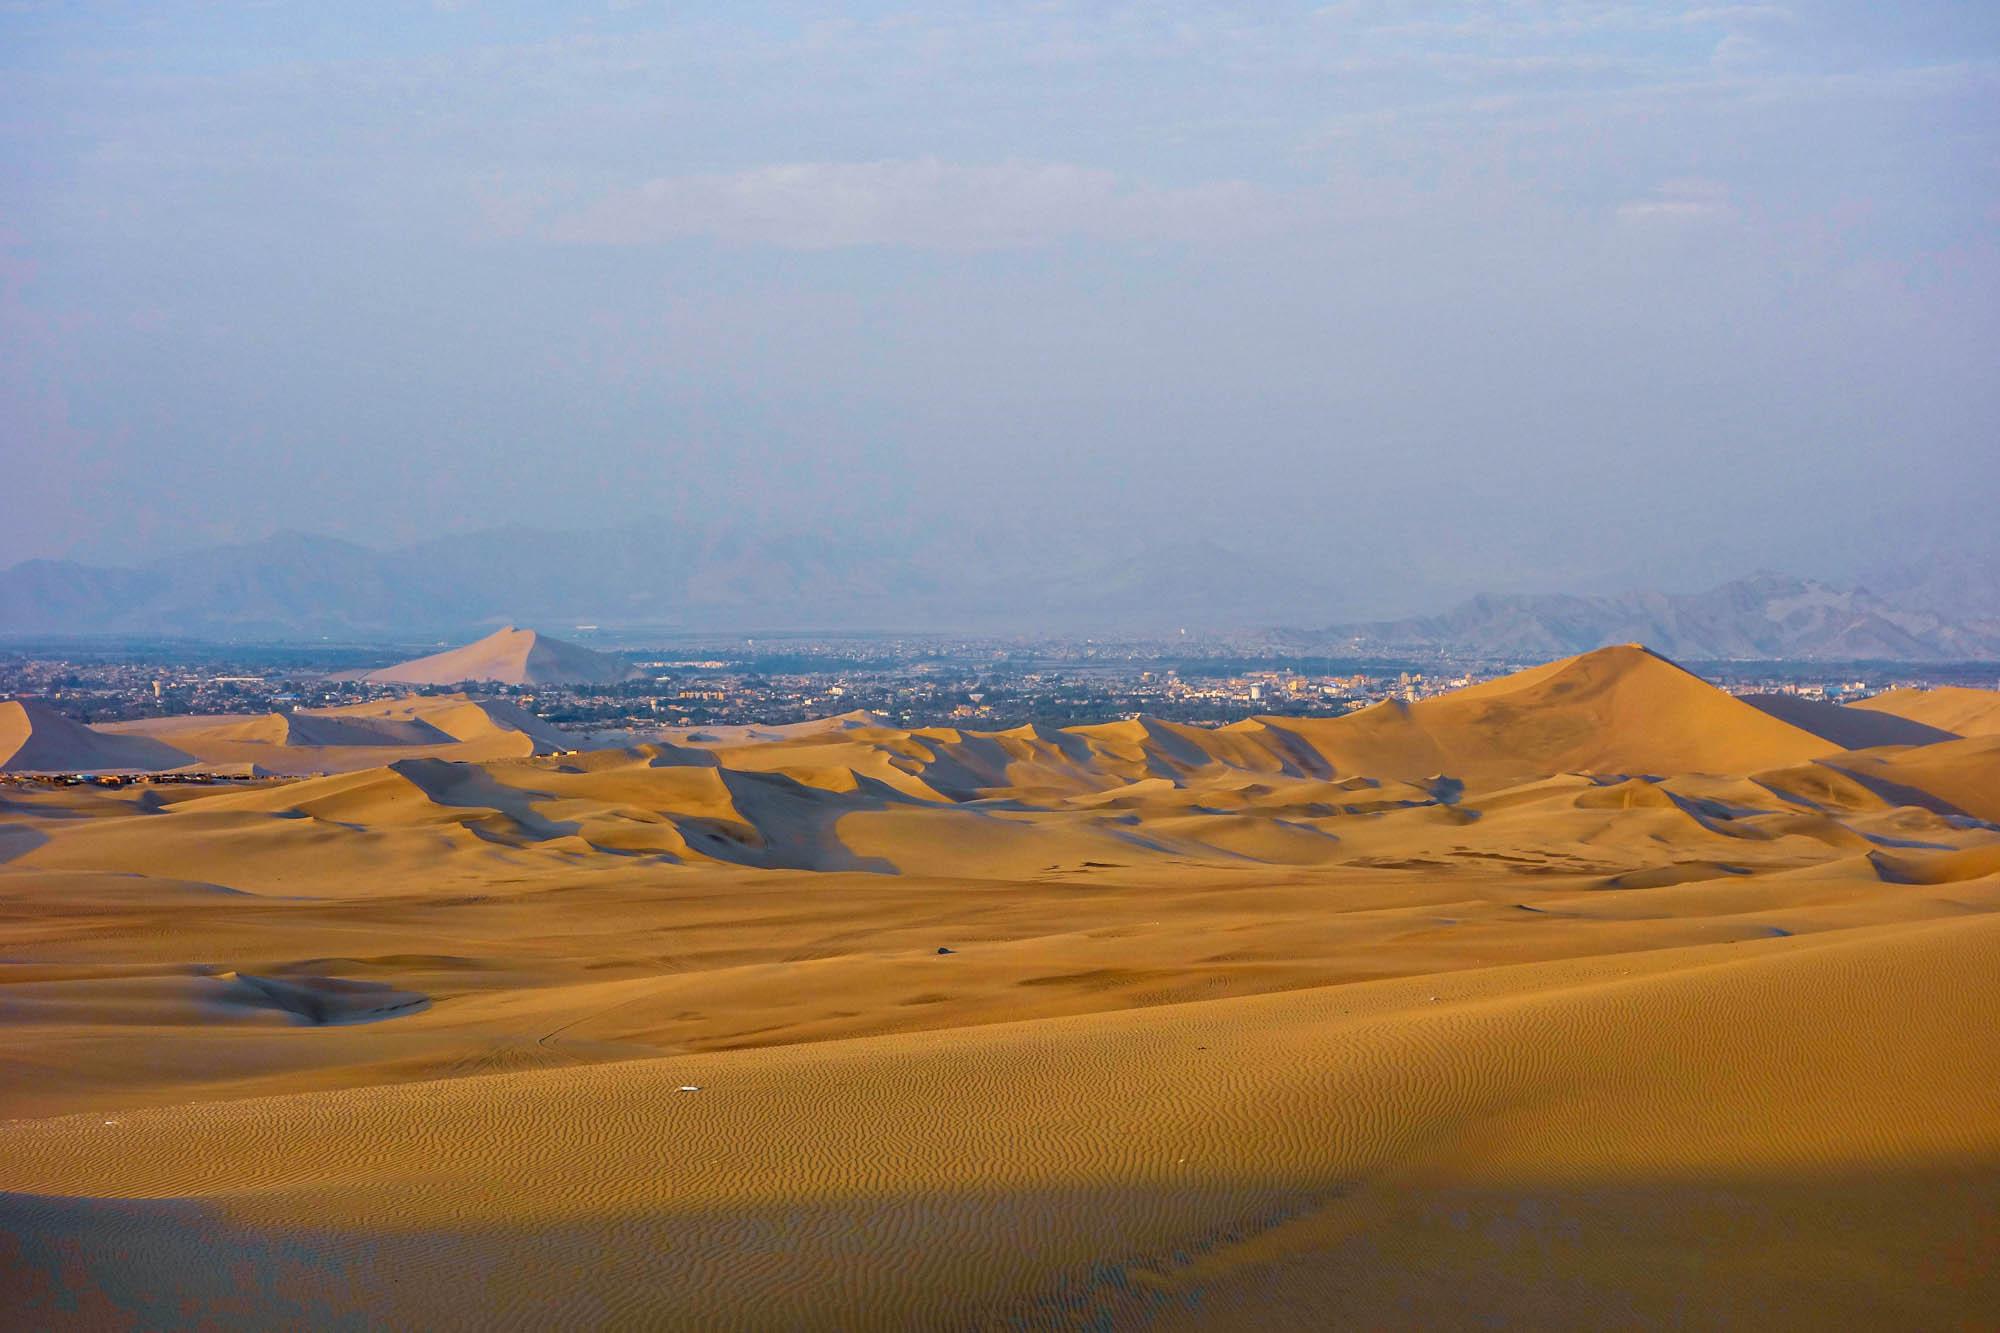 Tout à gauche, on peut apercevoir l'oasis et derrière la ville d'Ica.